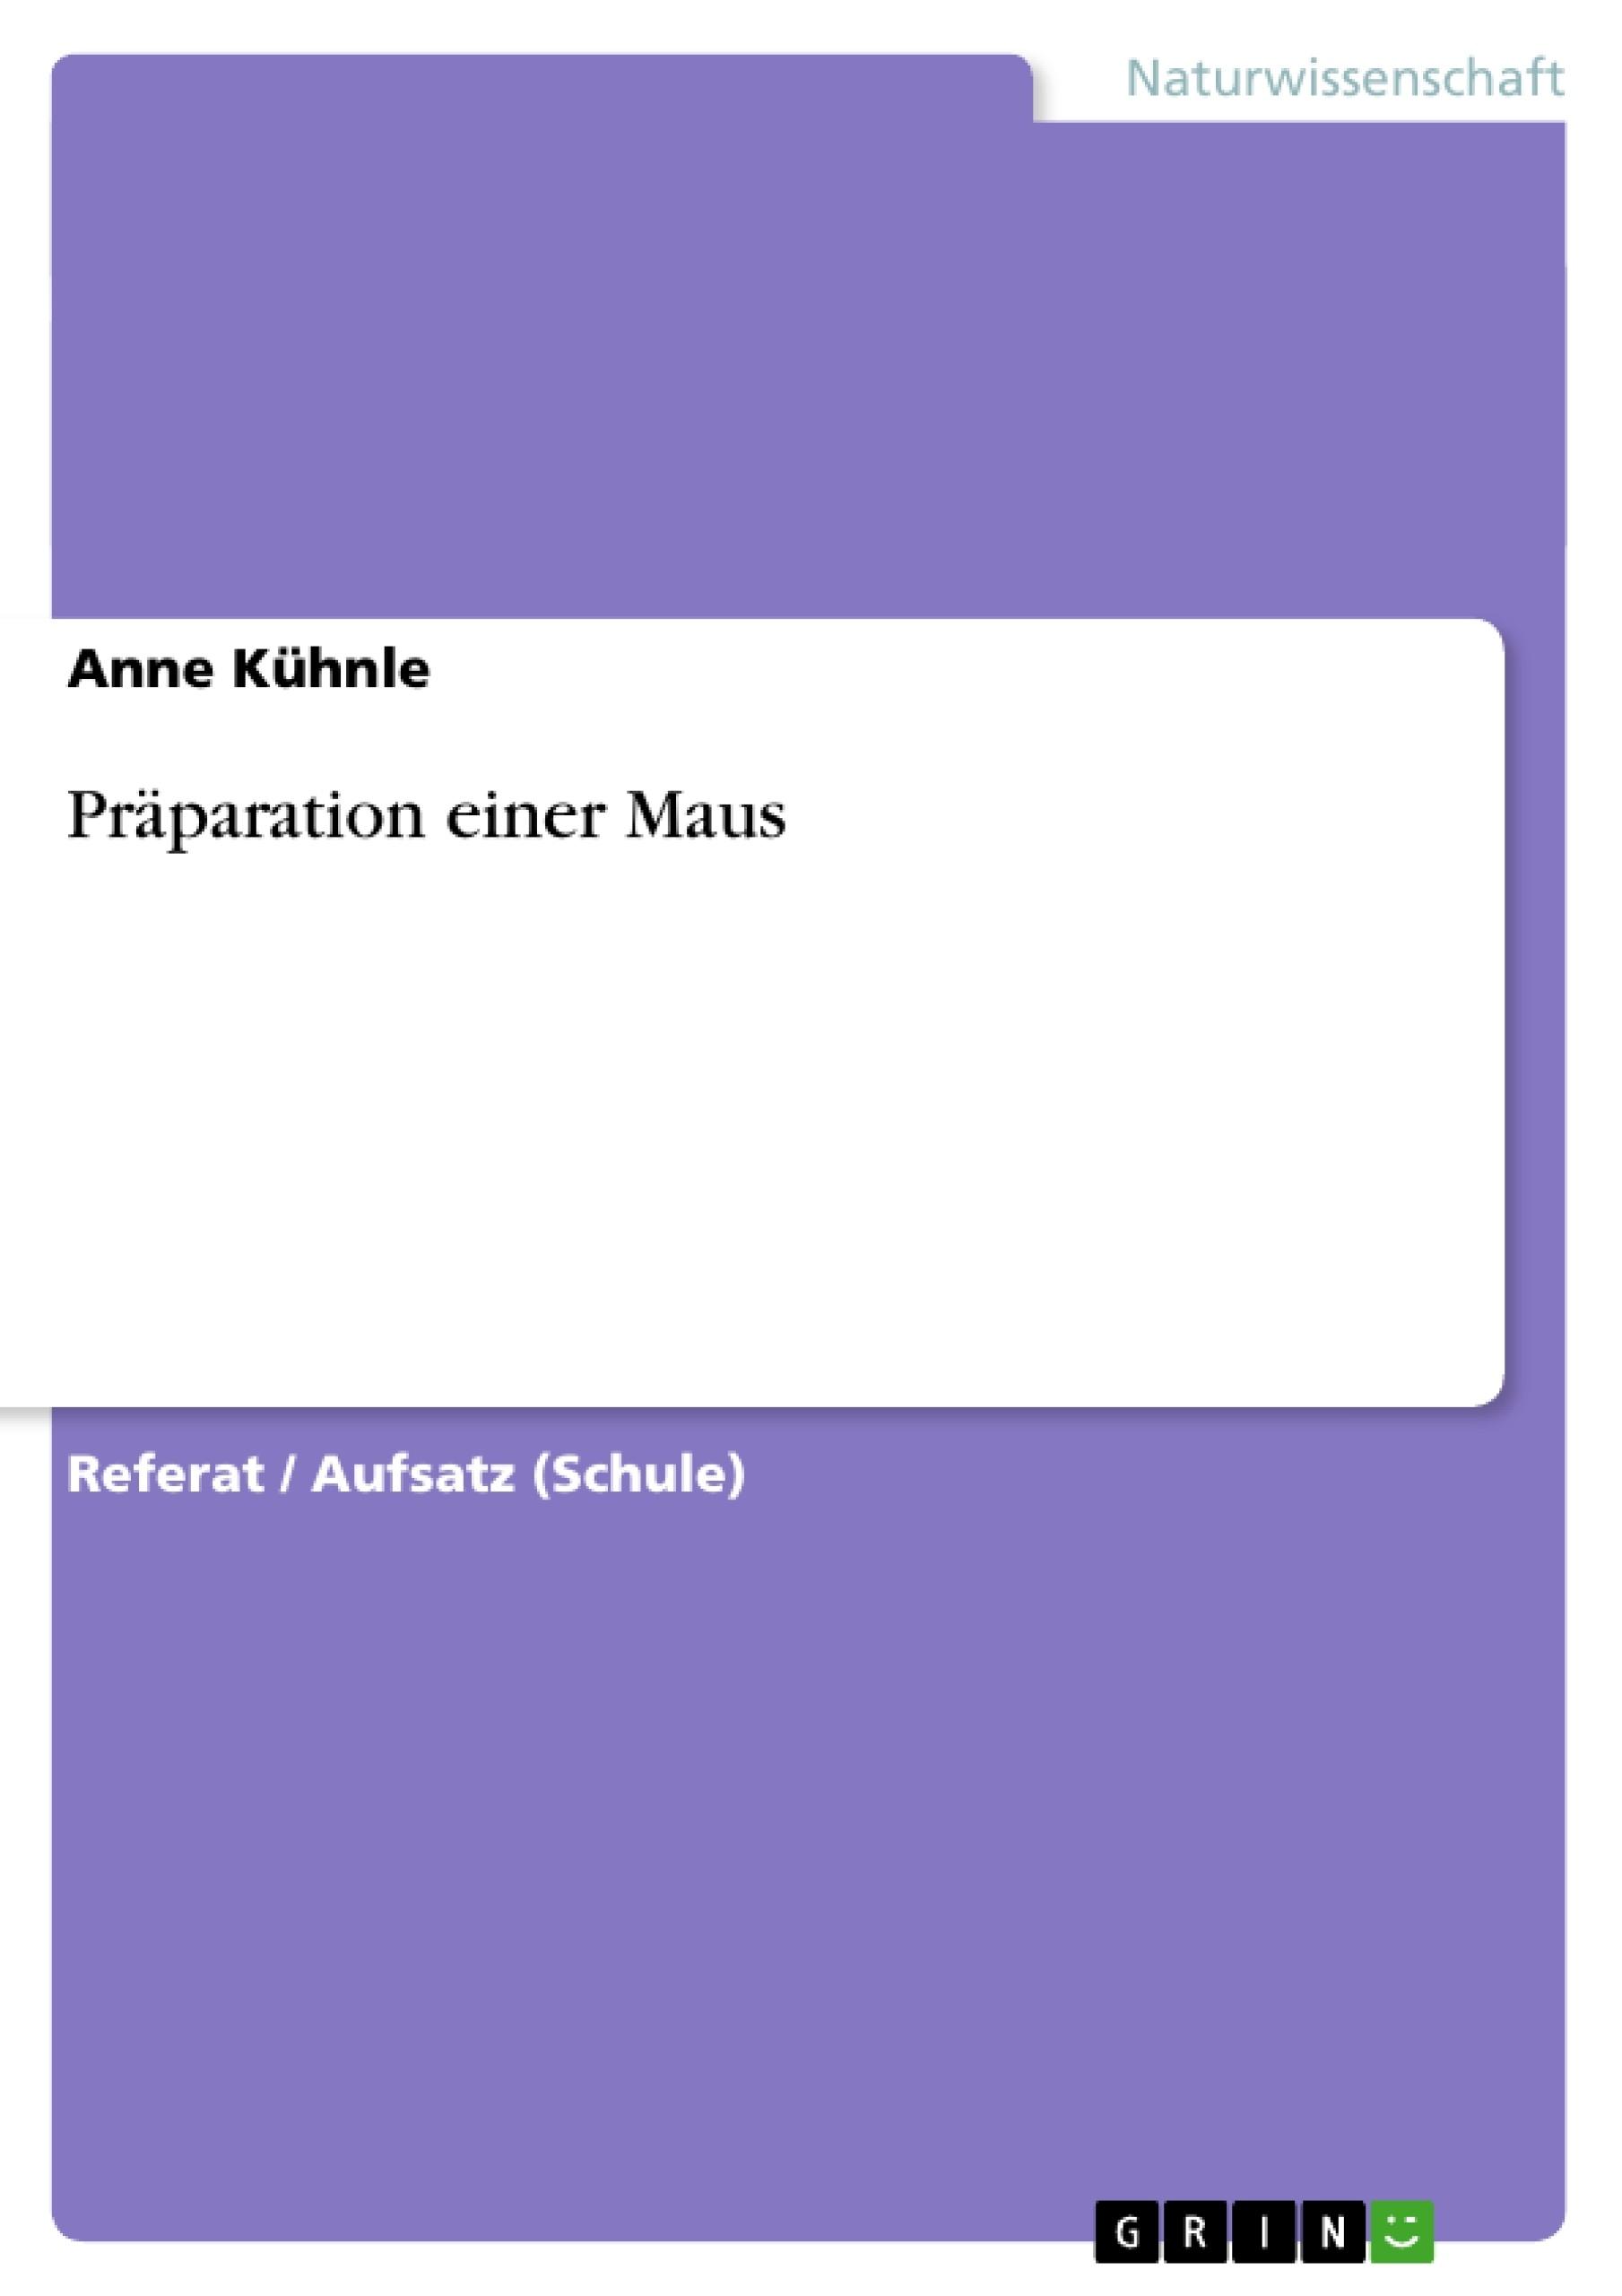 Präparation einer Maus | Masterarbeit, Hausarbeit, Bachelorarbeit ...